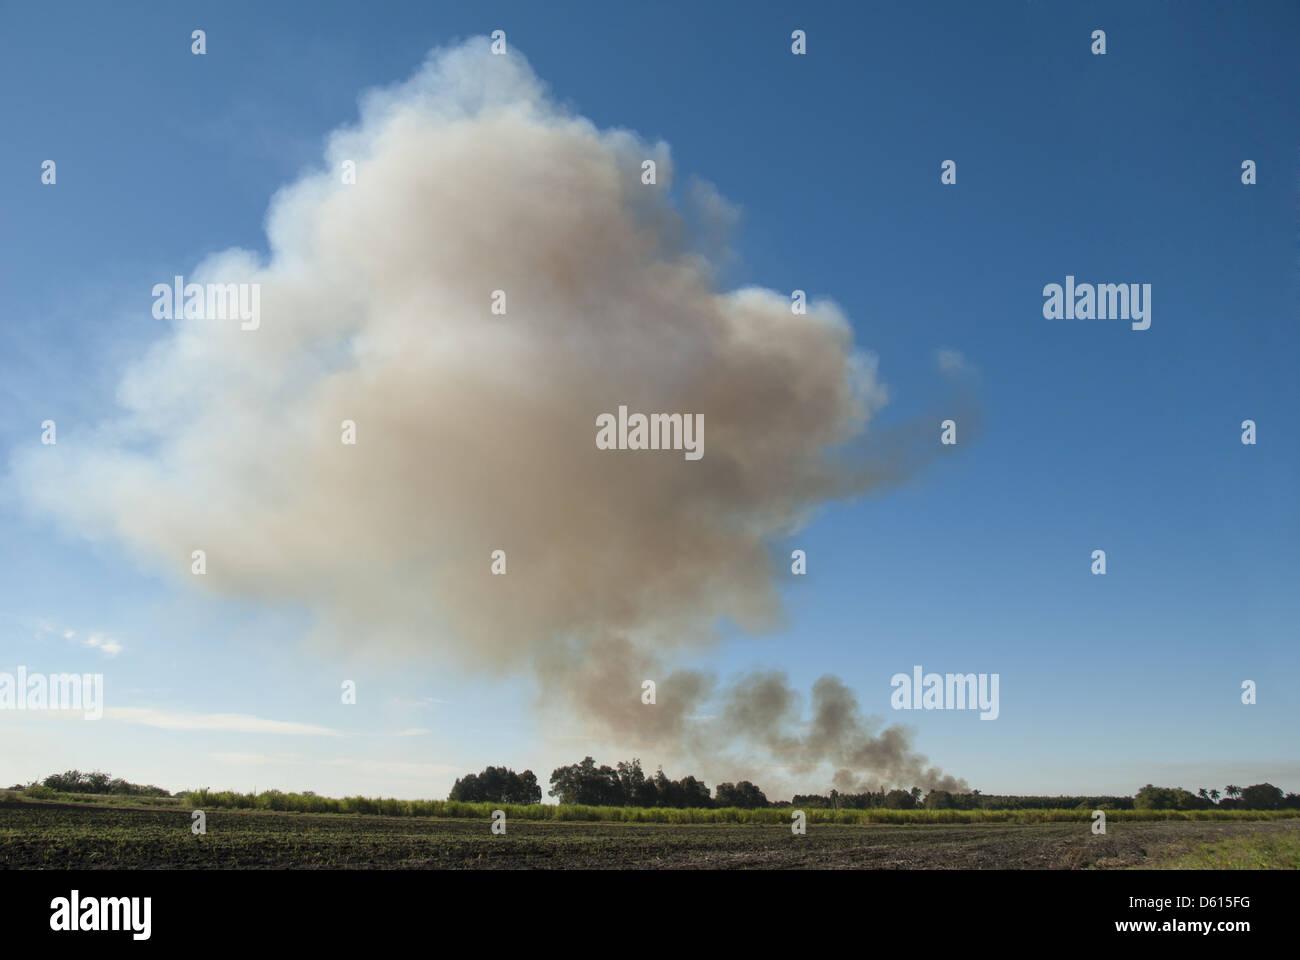 Rauch steigt aus der Verbrennung von Zuckerrohrfeldern vor der Ernte in Süd-Florida, USA Stockbild